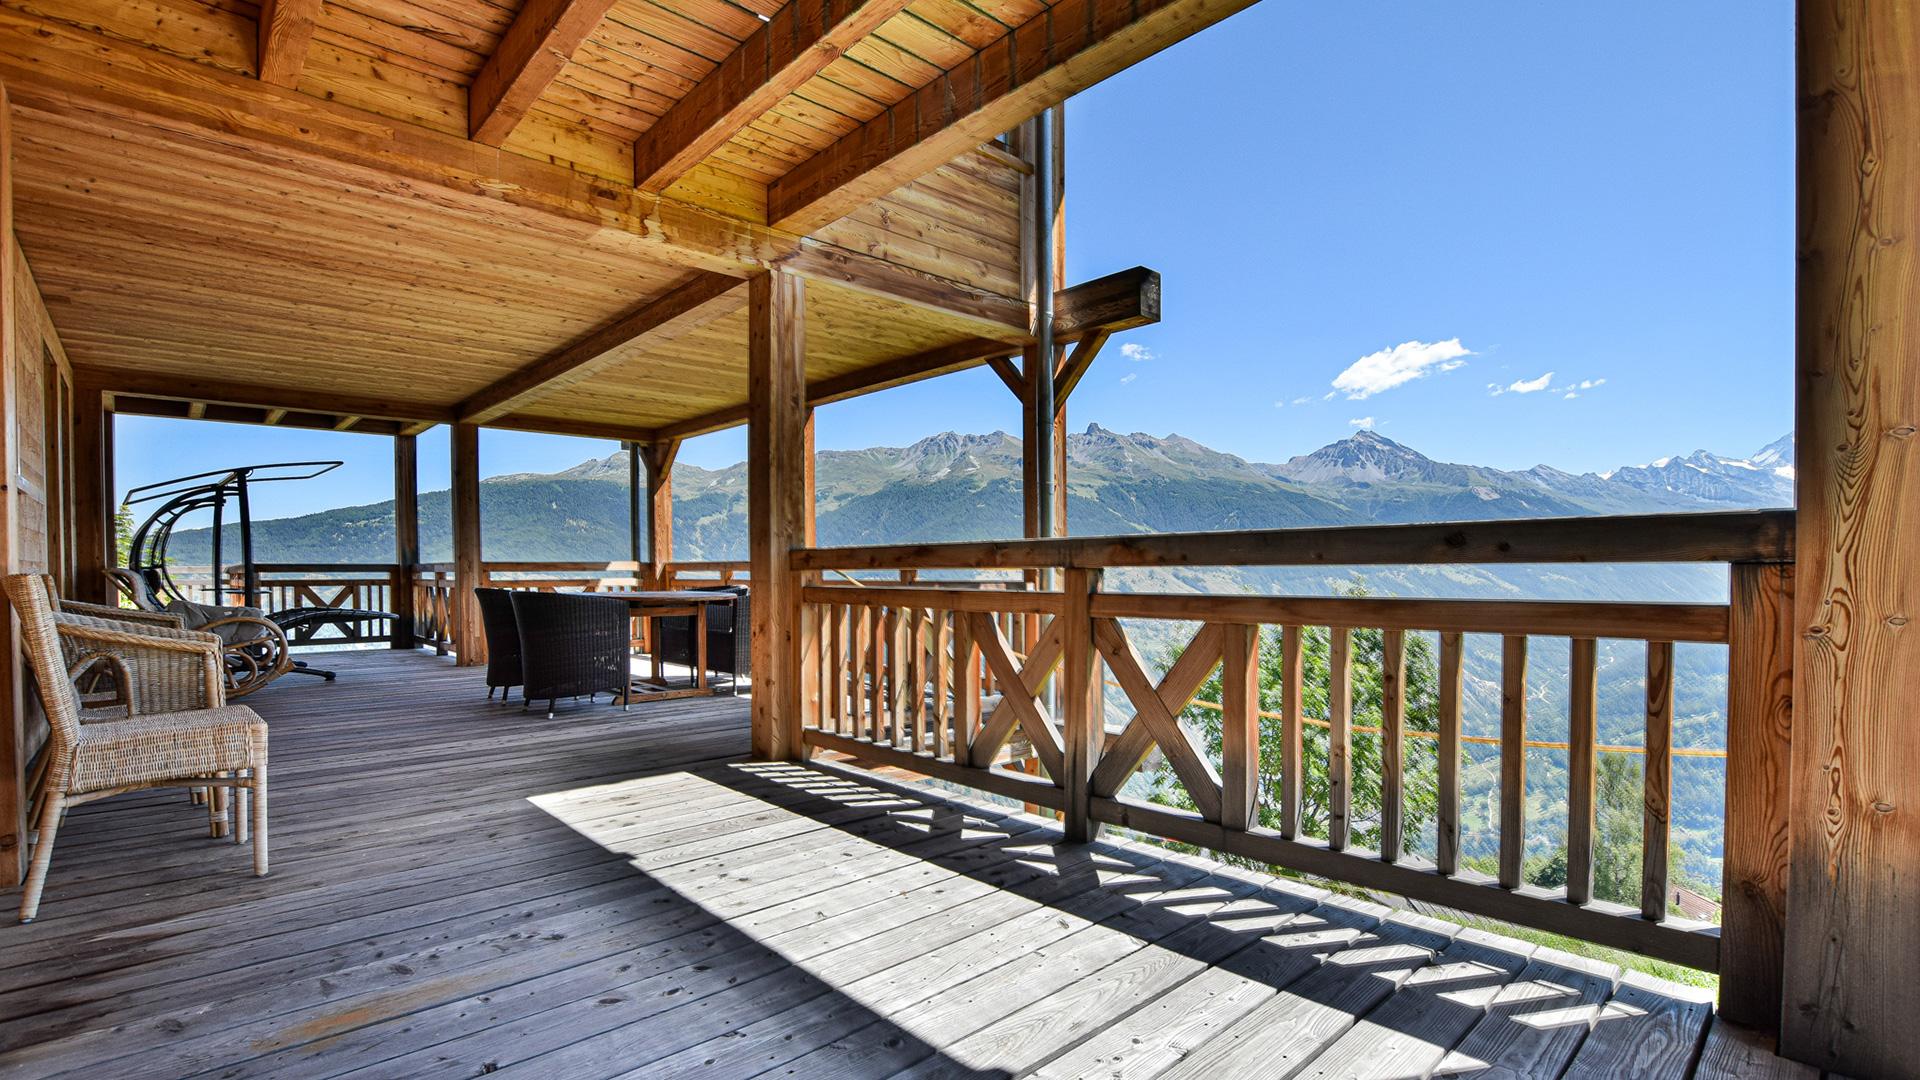 Chalet Vacances Chalet, Switzerland